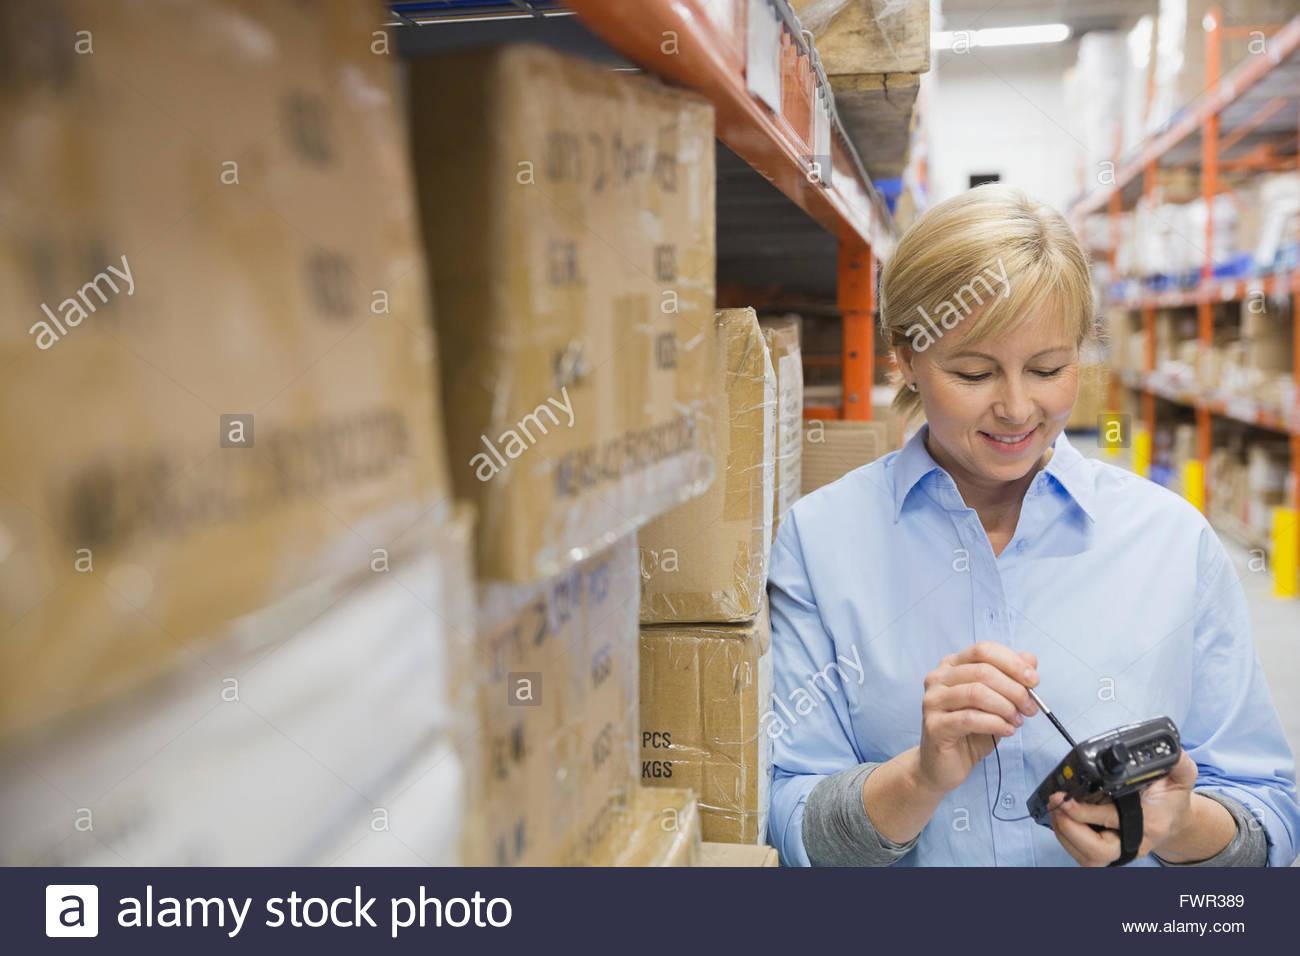 Trabajador de almacén mediante dispositivo de mano Imagen De Stock